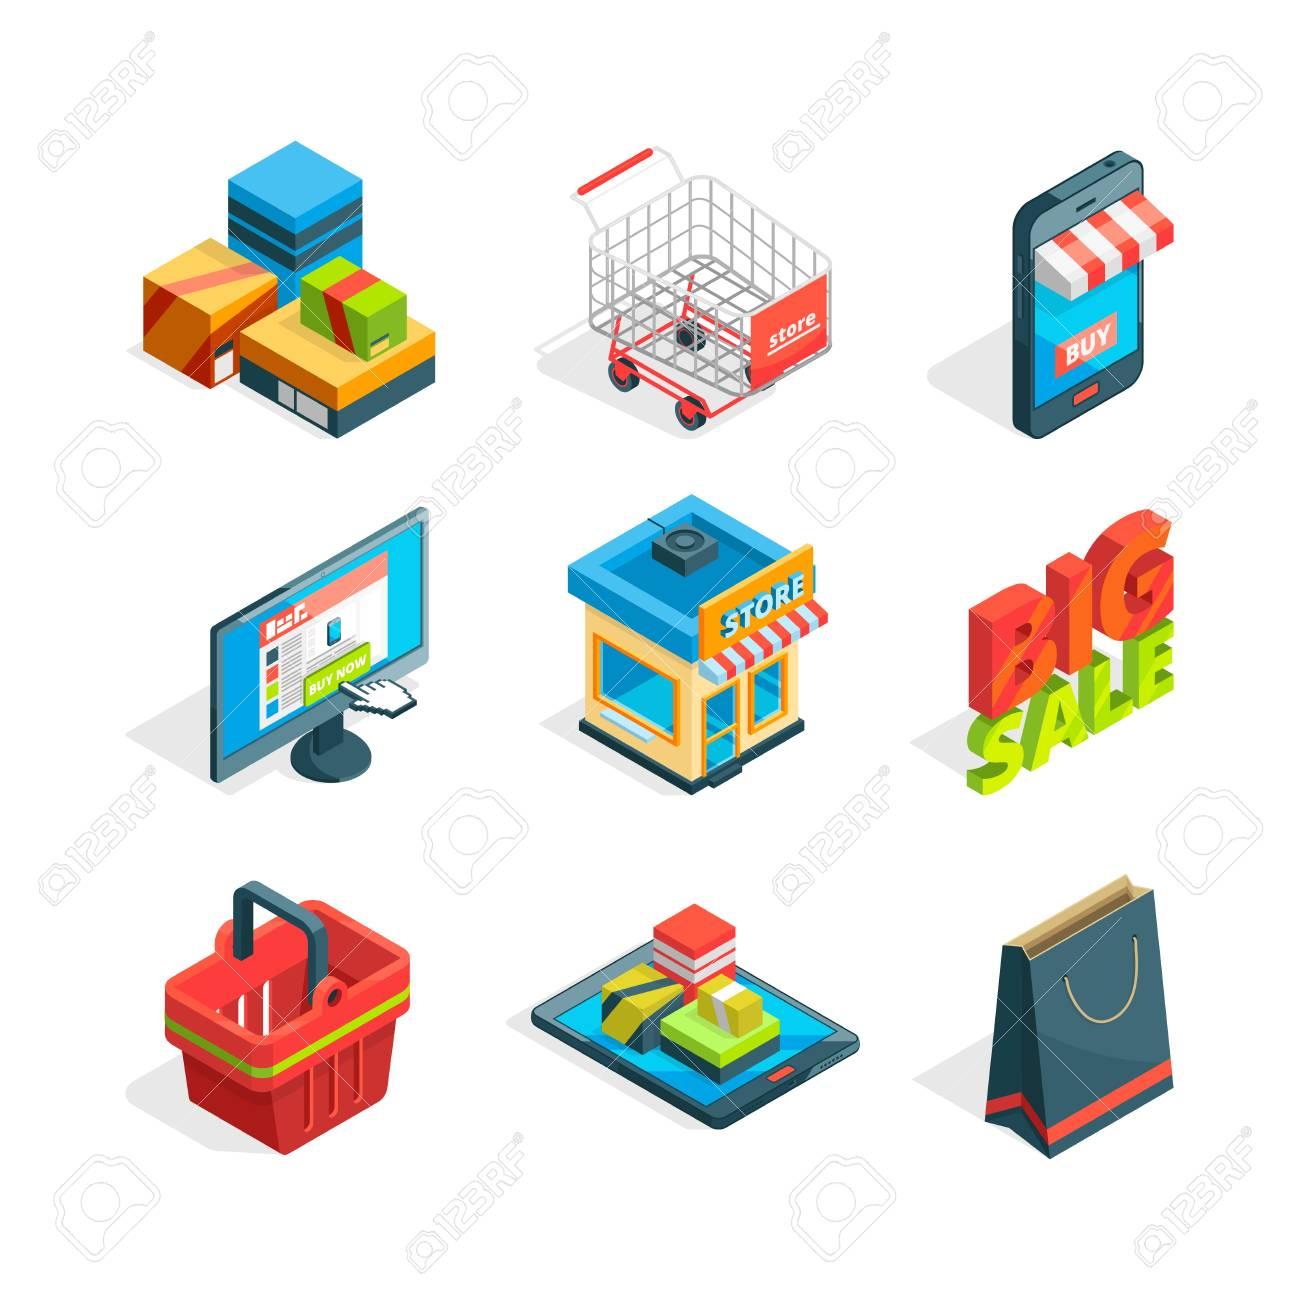 Isometric Icon Set Of Online Shopping Symbols Of Ecommerce